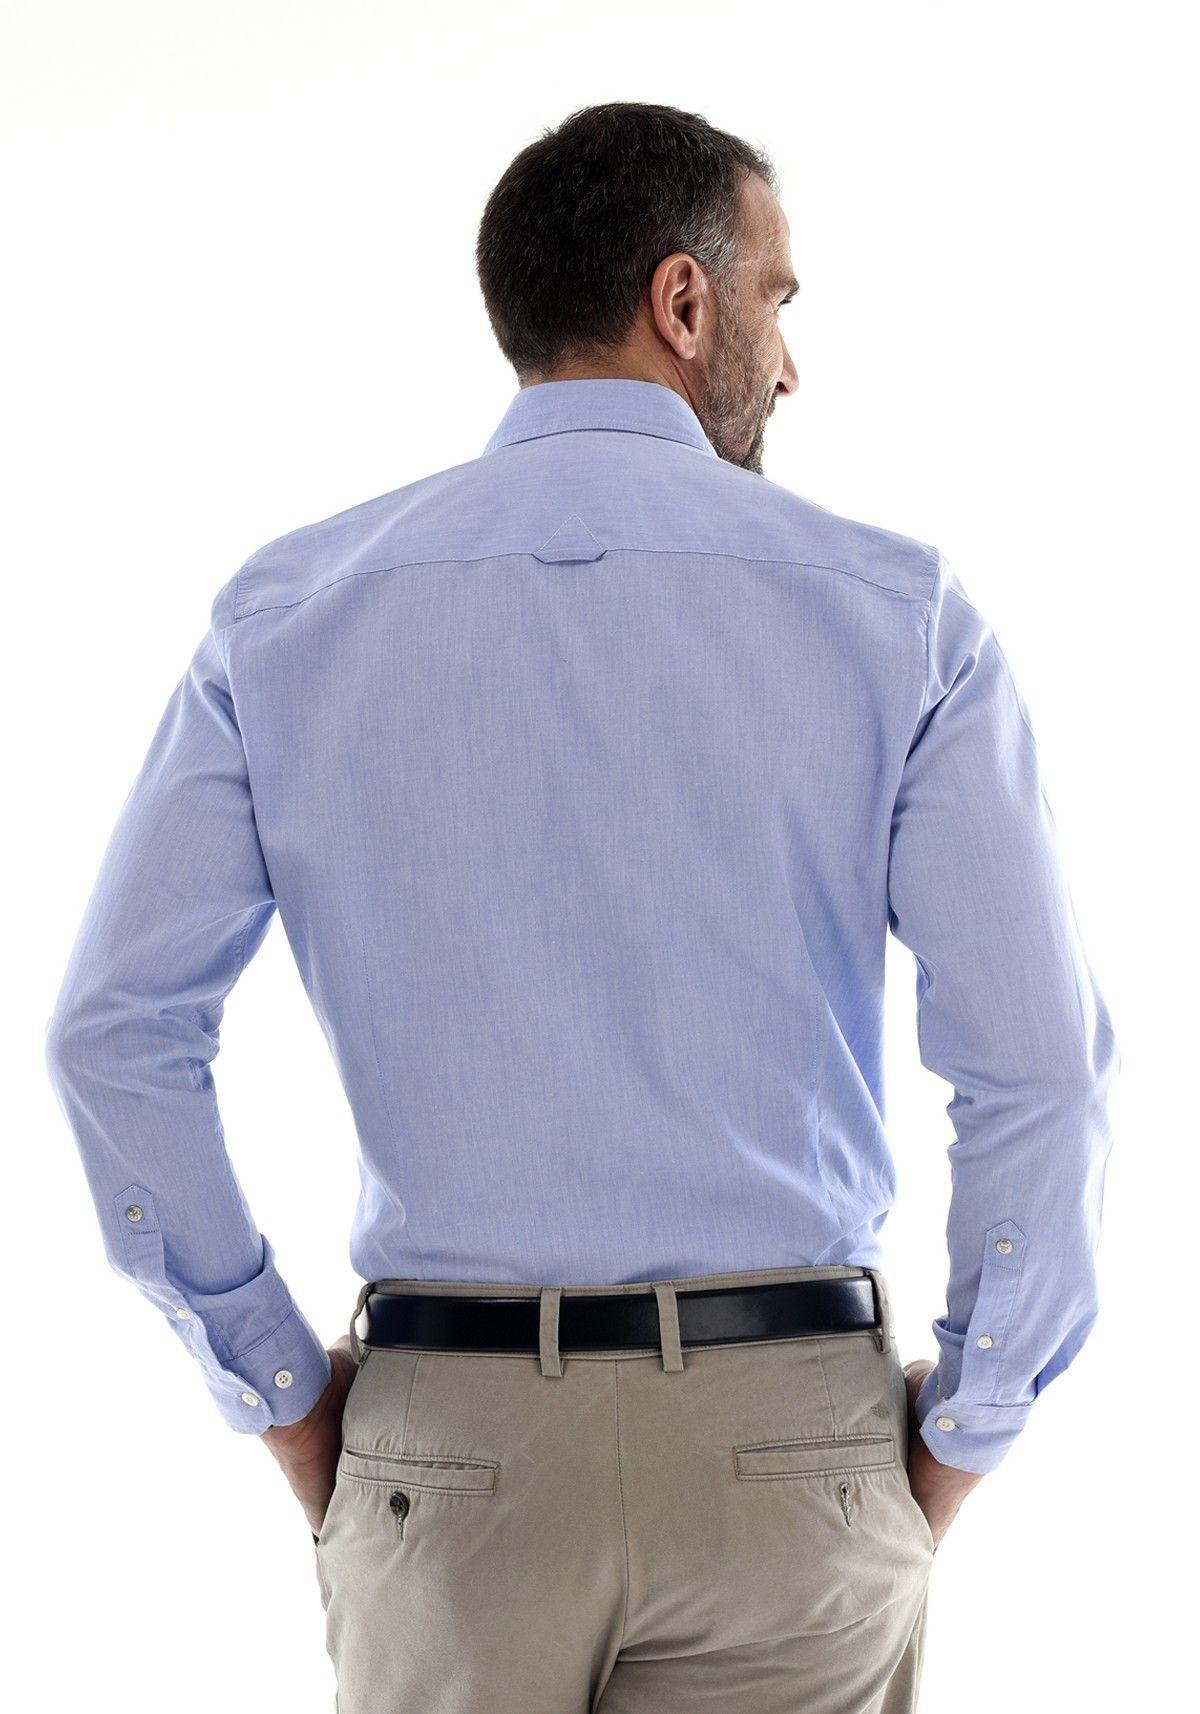 Chemise Mode Homme Bleue Ciel Classe Oxford. 100% coton. Style  Tendance  Printemps Automne Été Hiver 2018 Cérémonie Travail Mariage Office. Neuf.